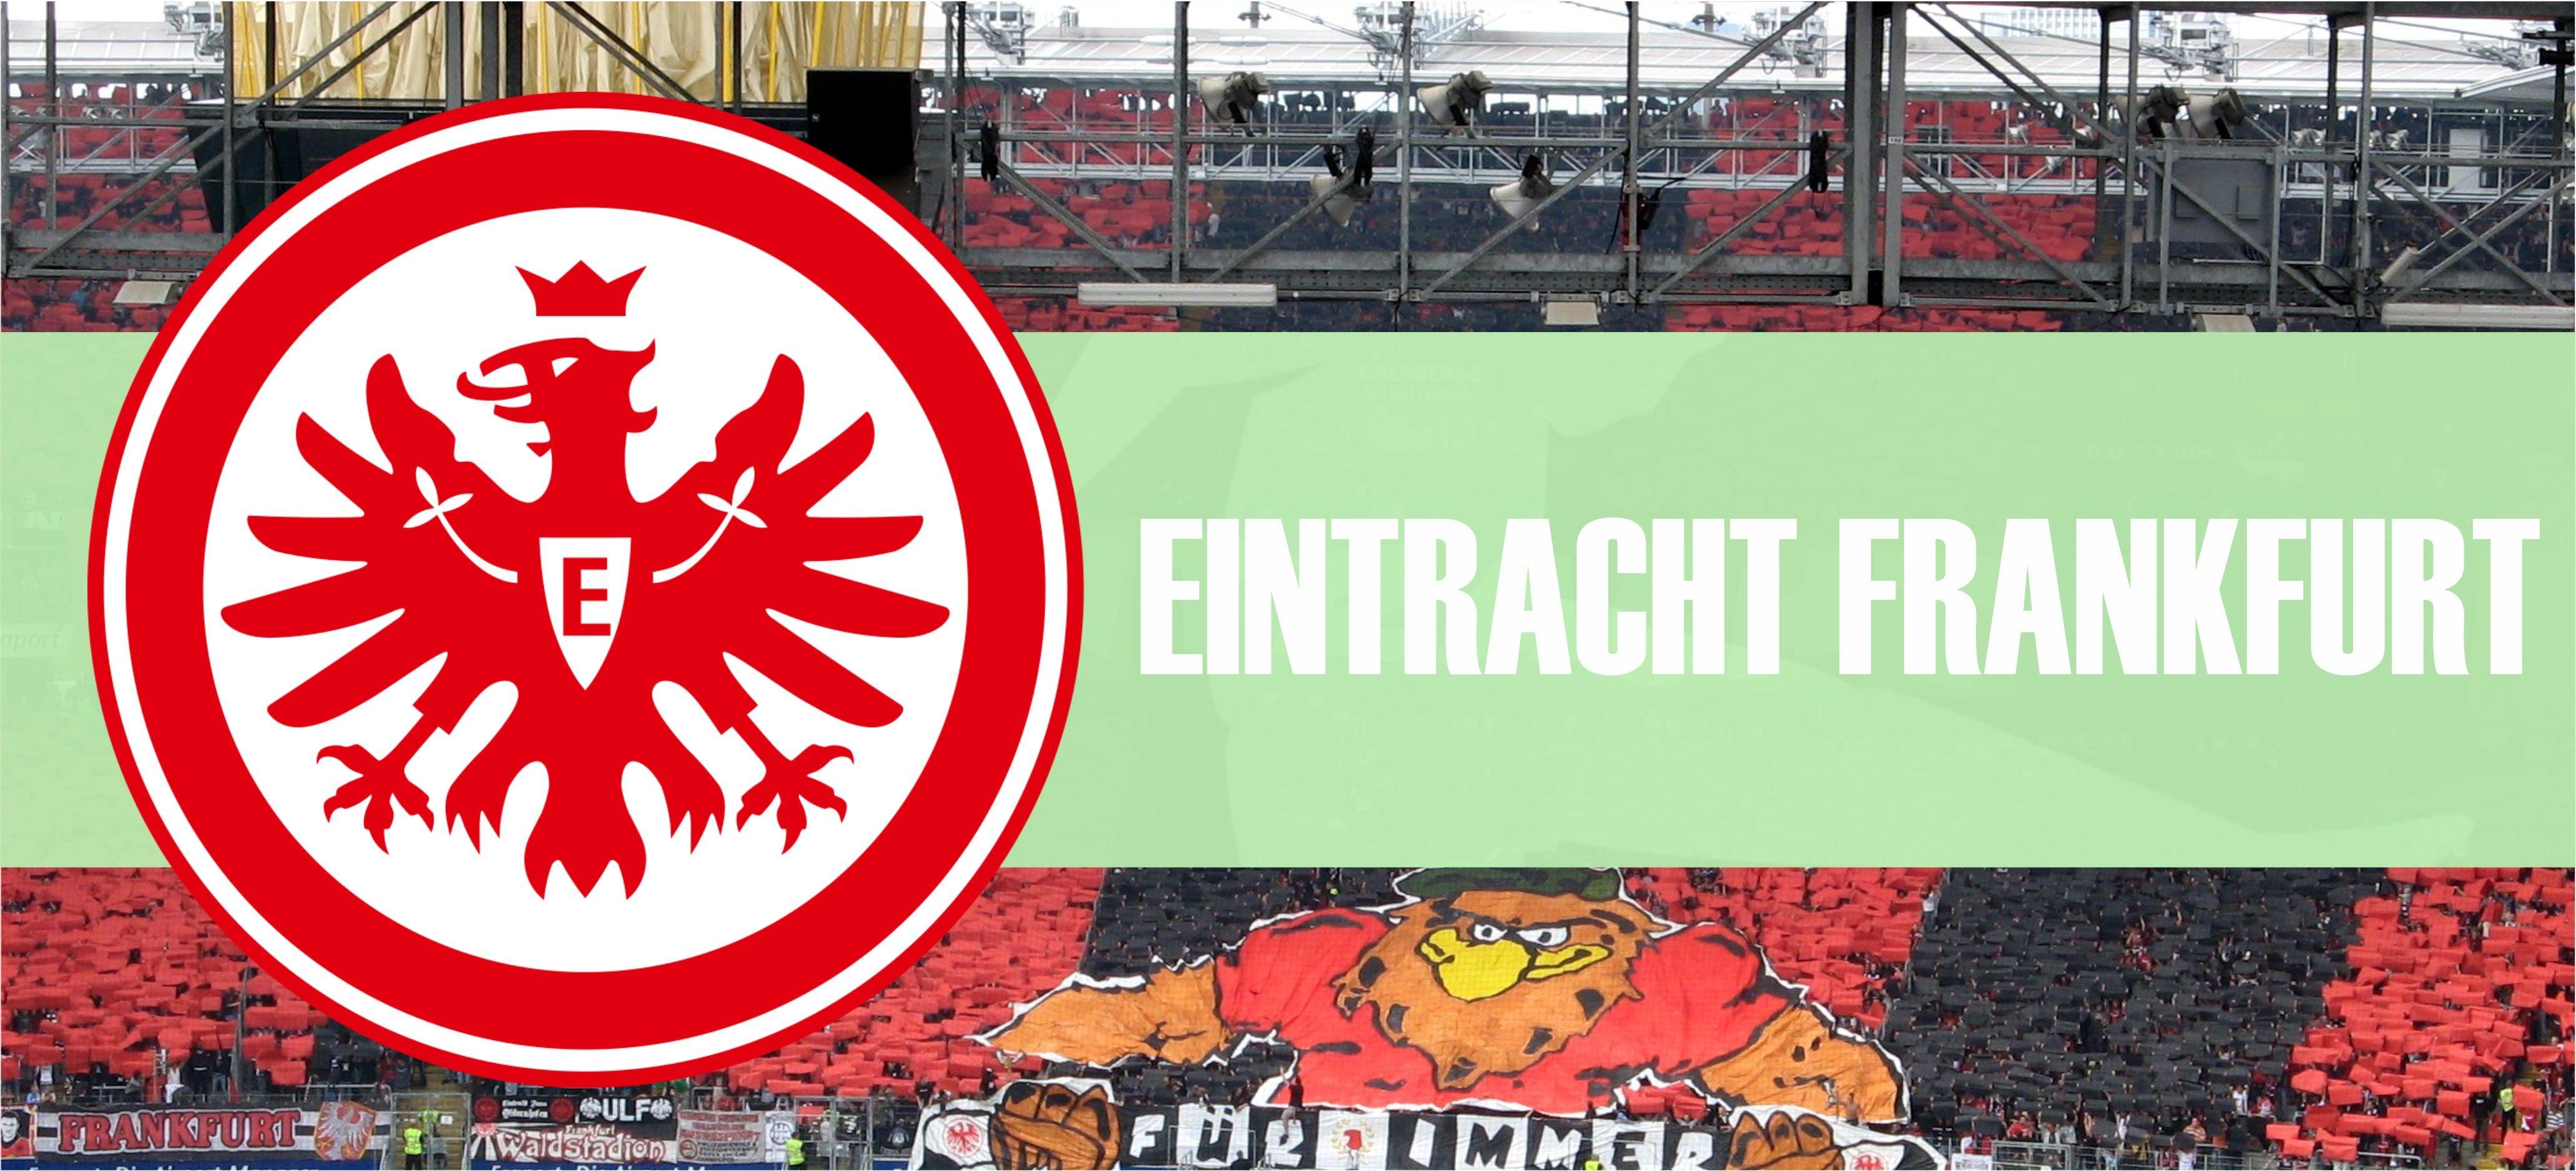 Przed niewykonalnym zadaniem. Eintracht jedzie na oparach